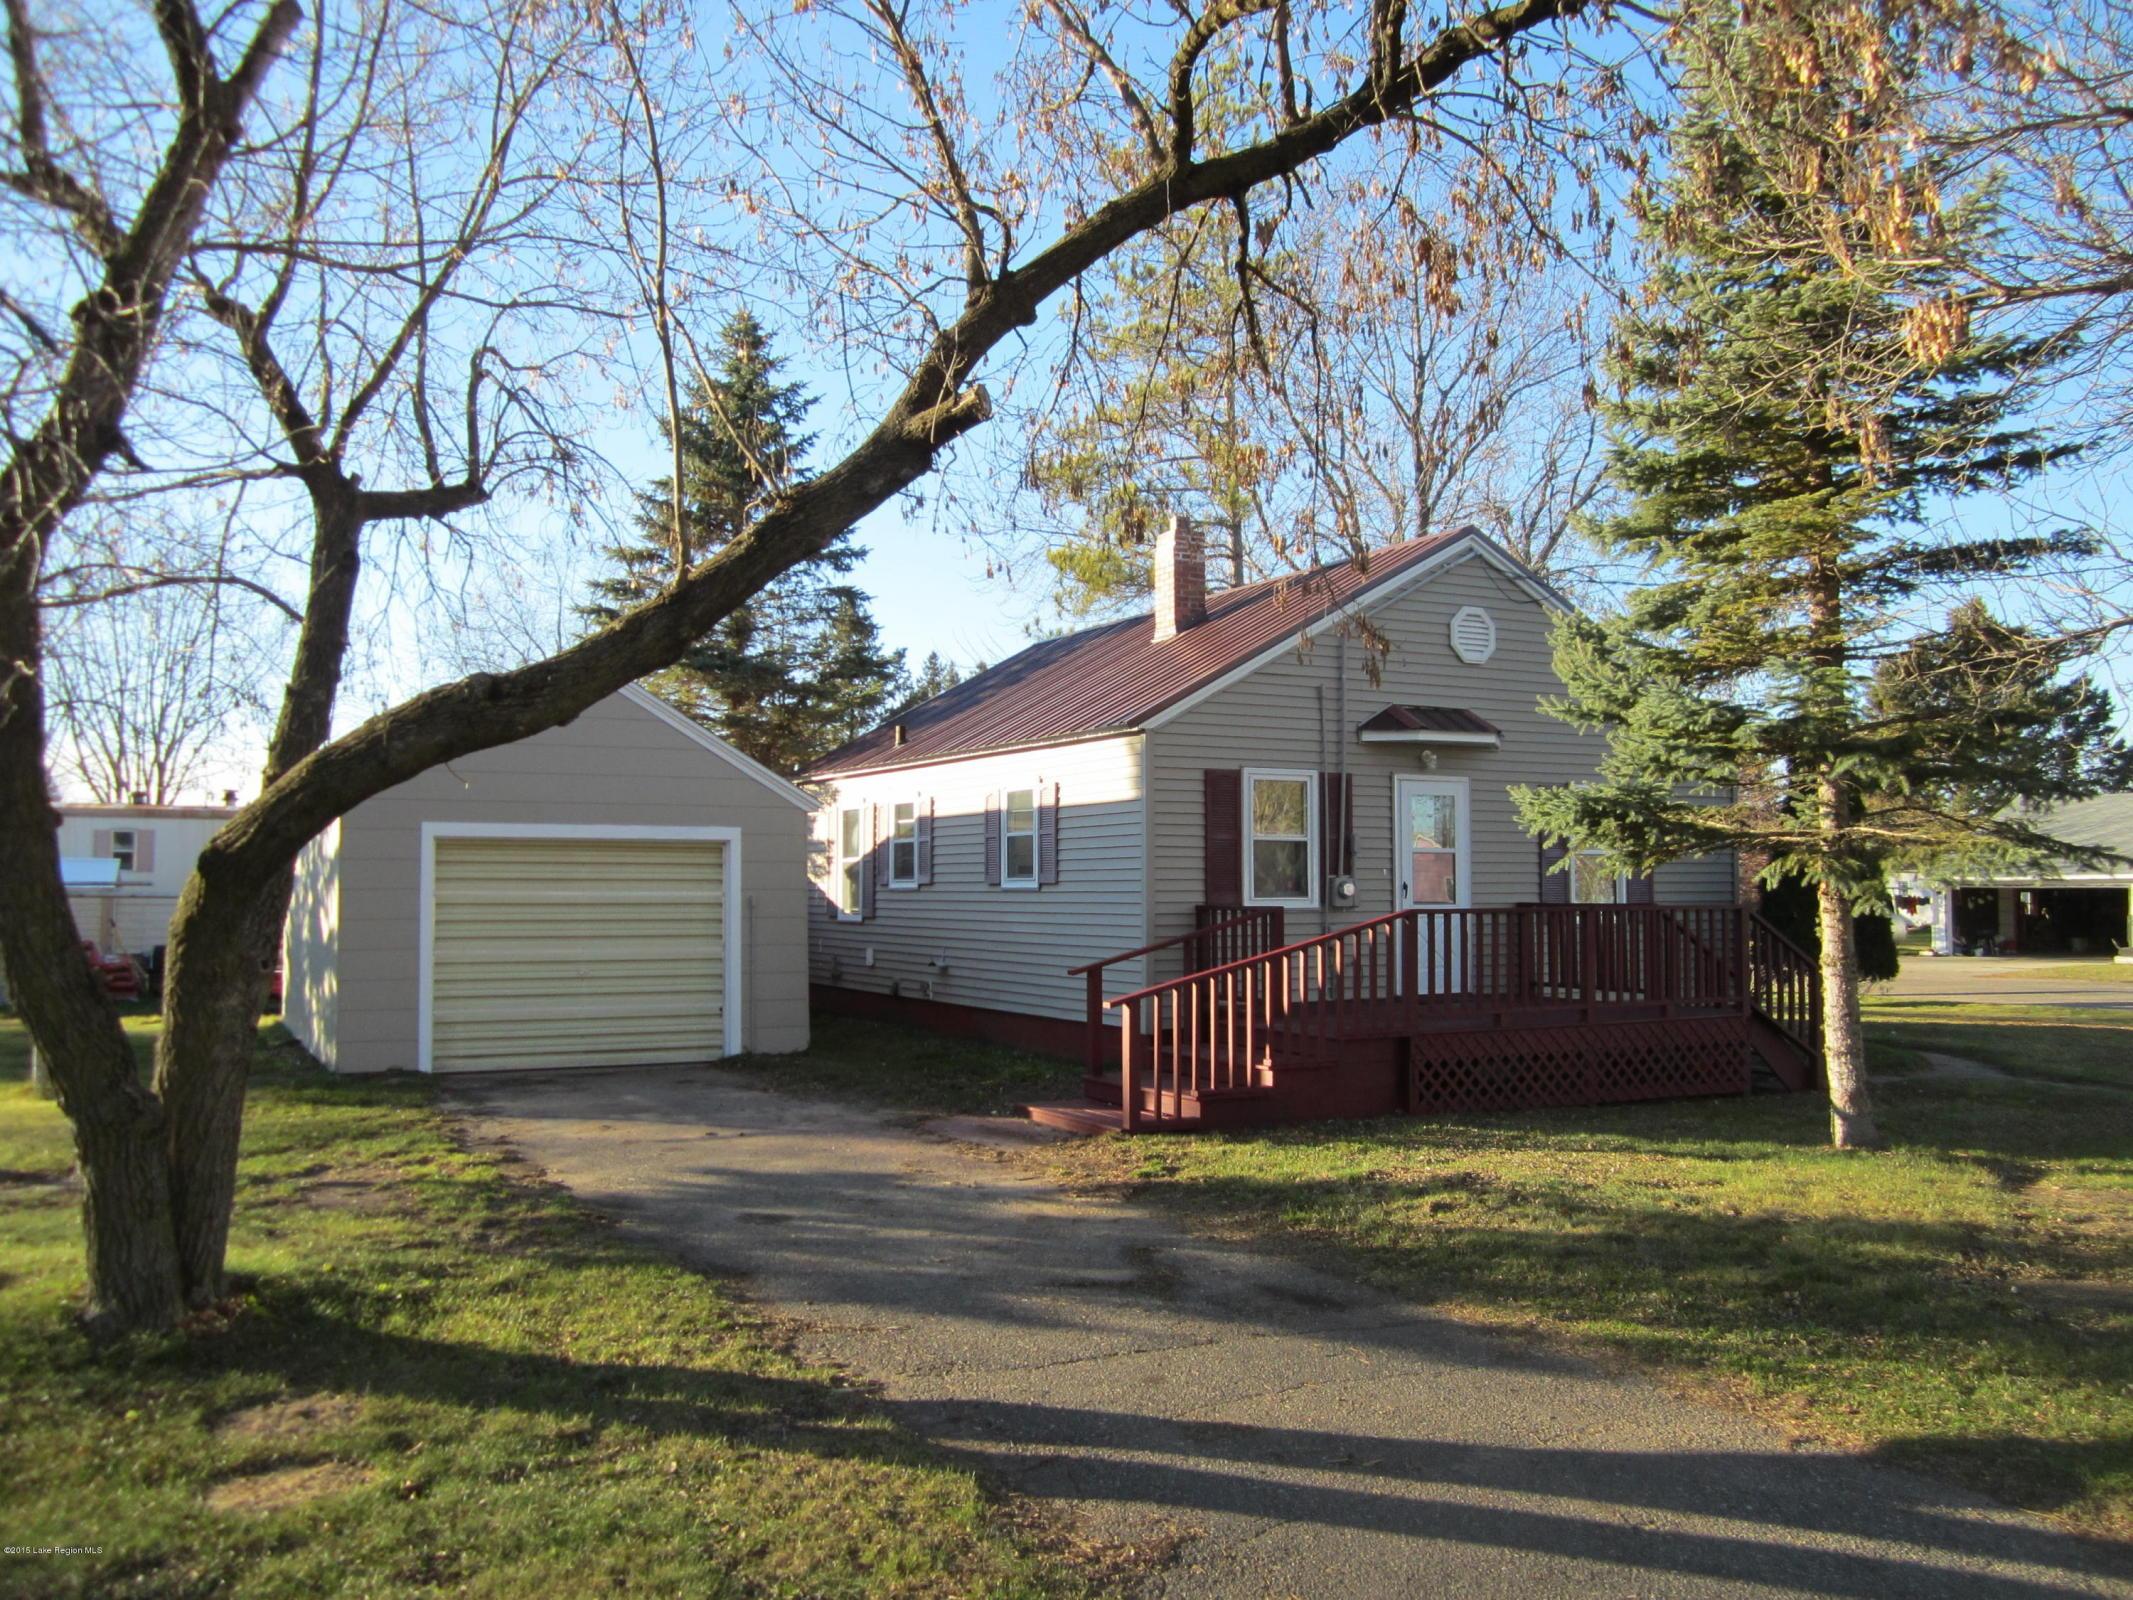 201 Center Ave West, Deer Creek, Minnesota 56527